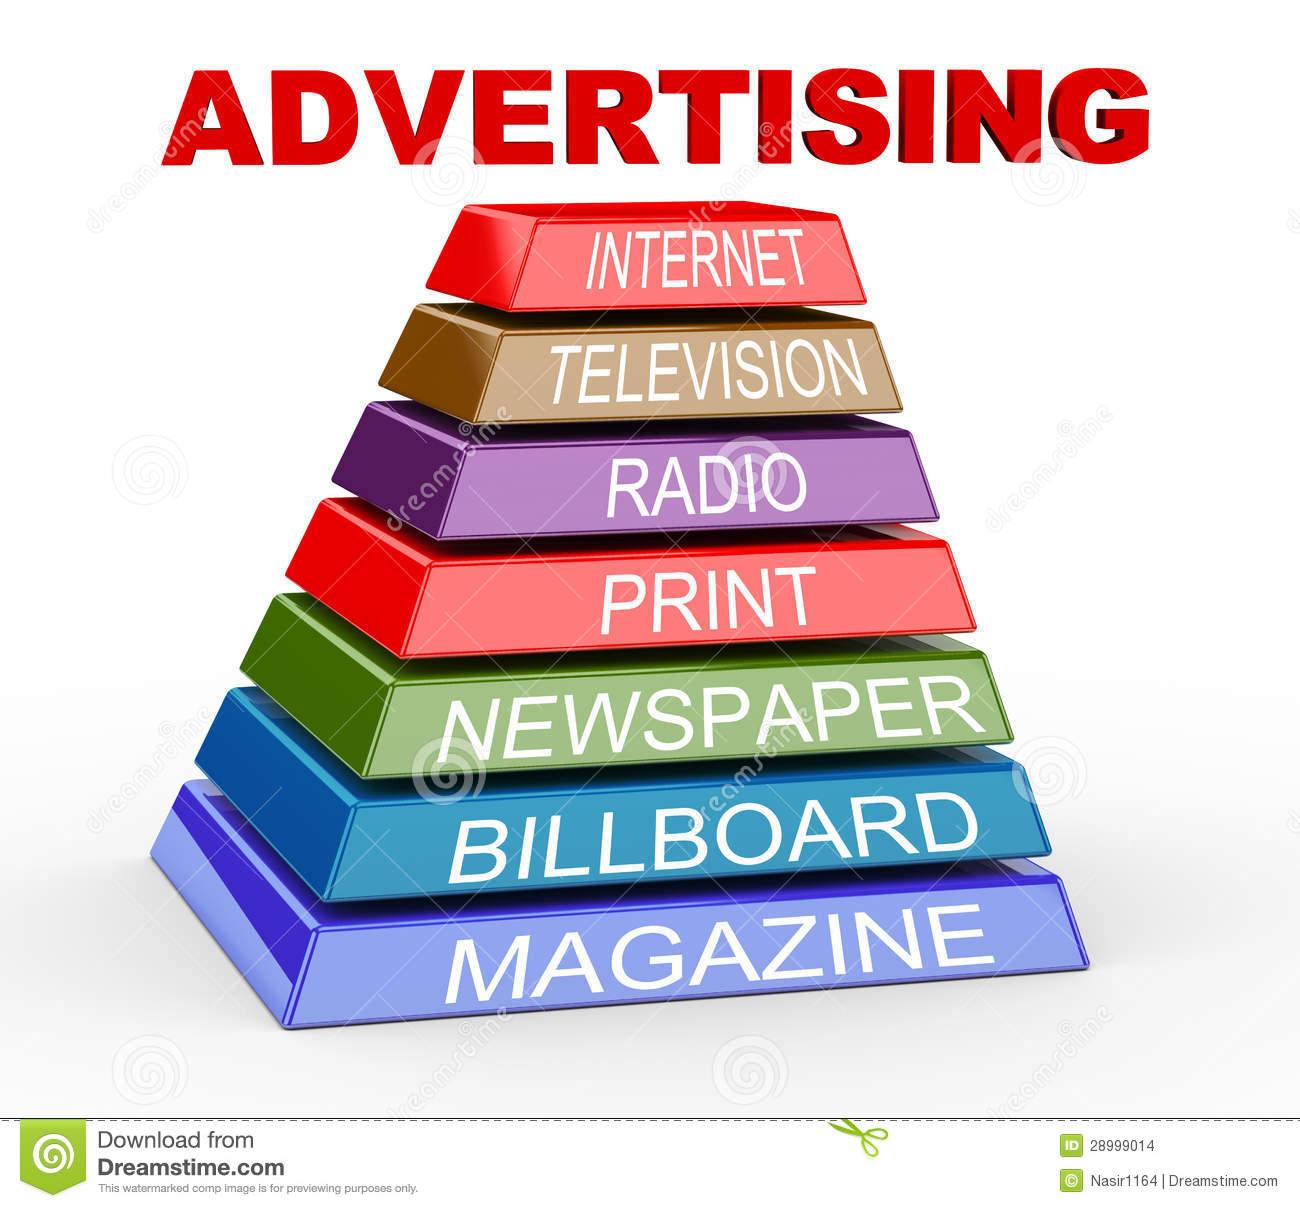 Những sai lầm khi làm chiến dịch quảng cáo trong Marketing (phần 1)